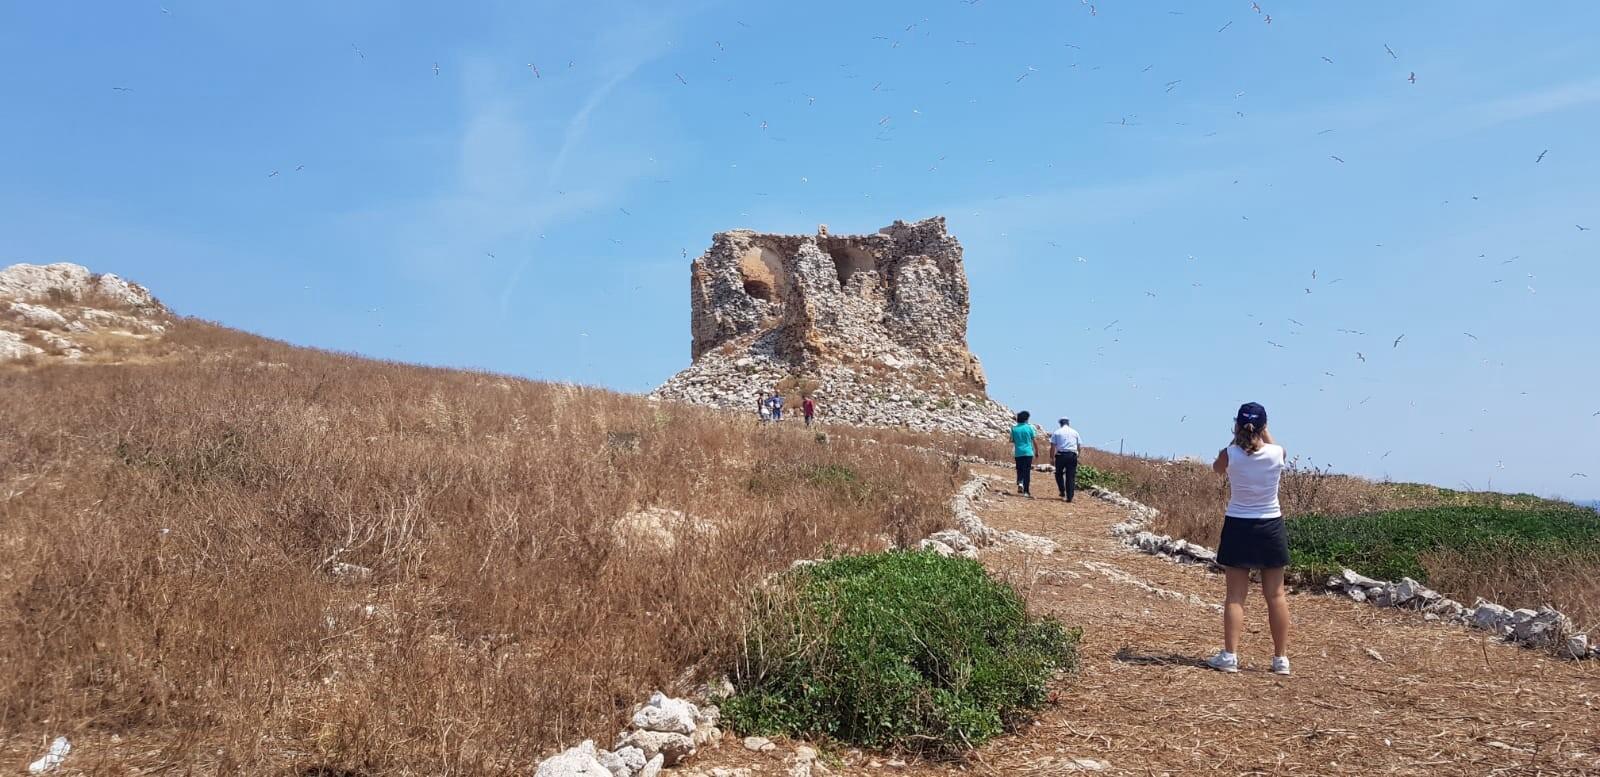 La Torre di Isola delle Femmine, crolli e degrado: sopralluogo dell'amministrazione comunale sull'isola